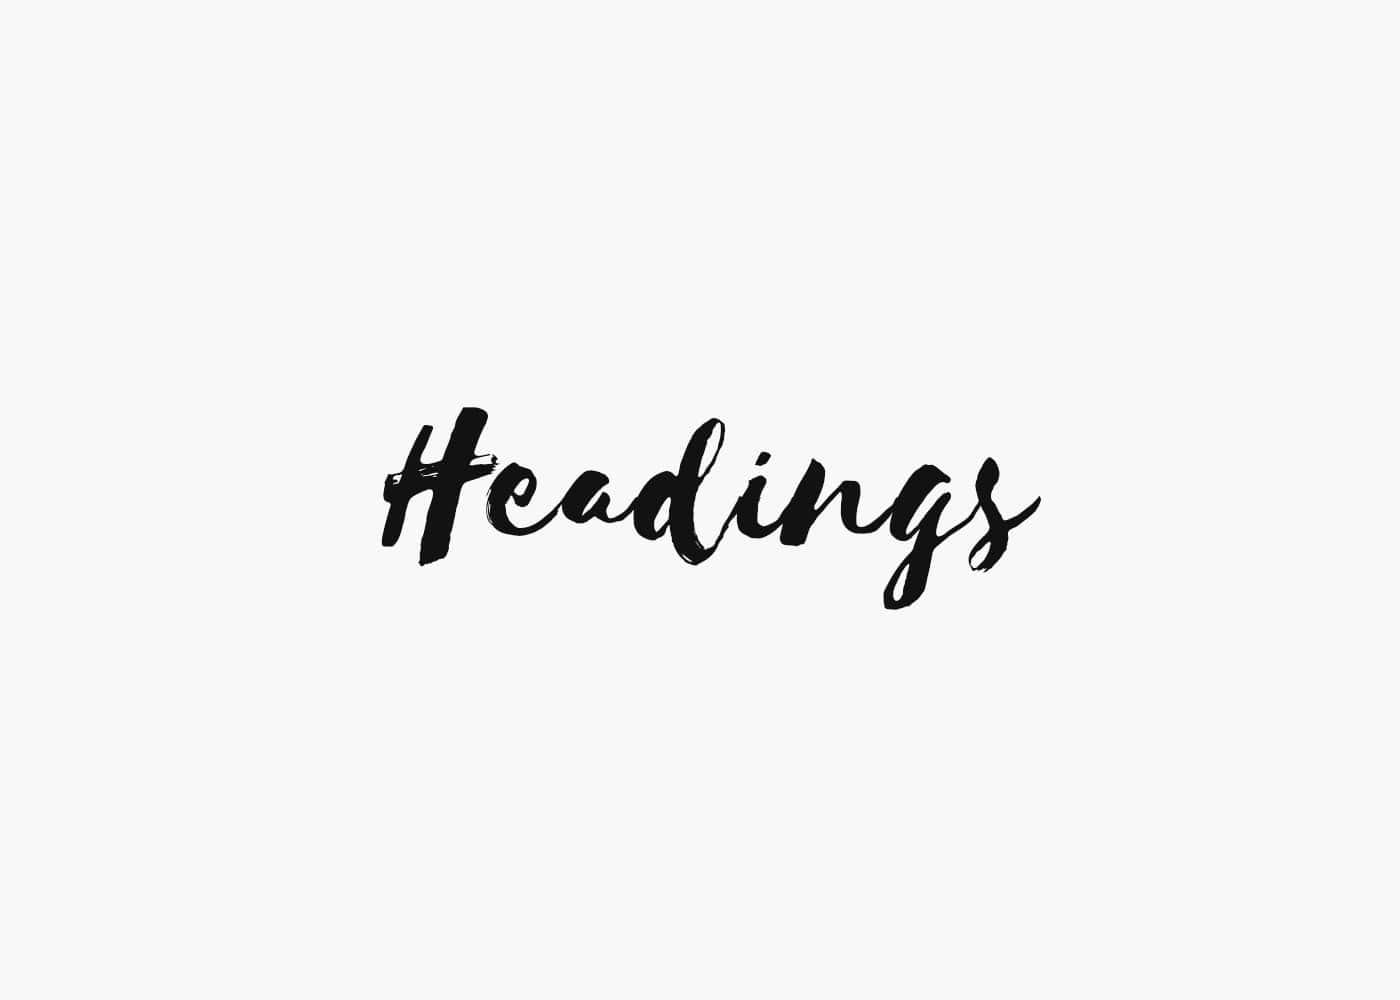 Headings